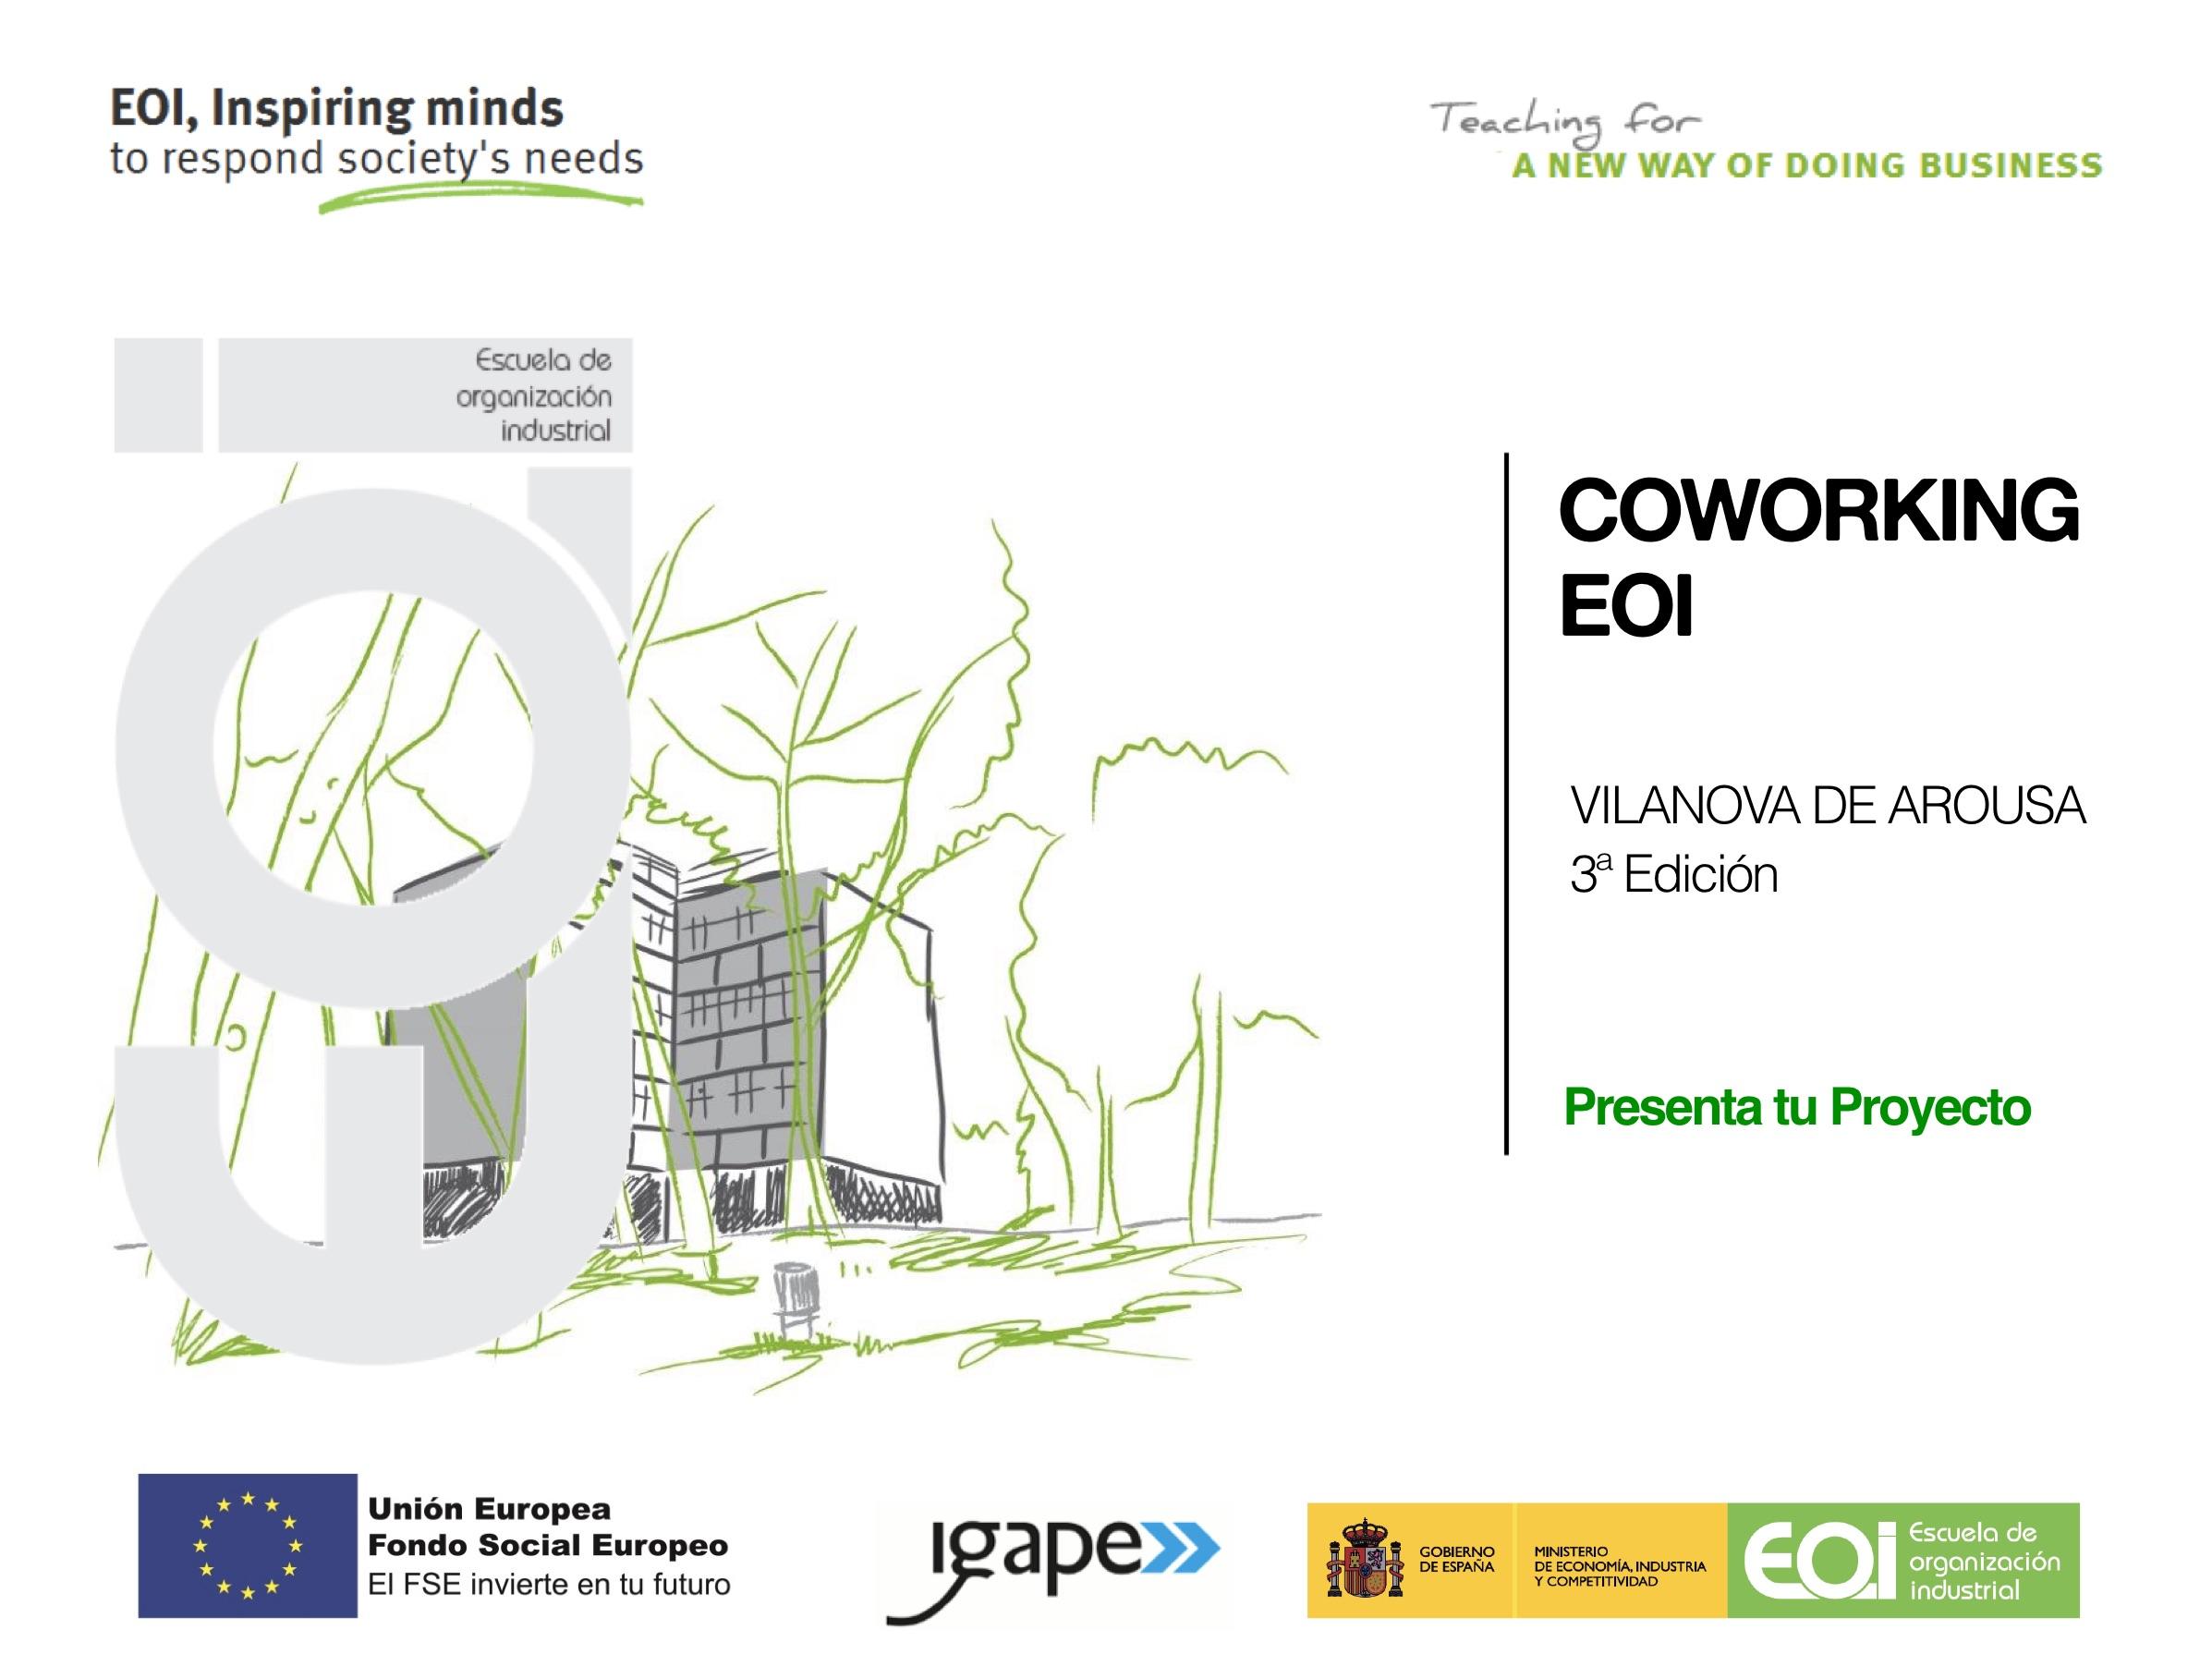 Cowworking EOI Vilanova De Arousa - 3ª Edicion Emprendedores